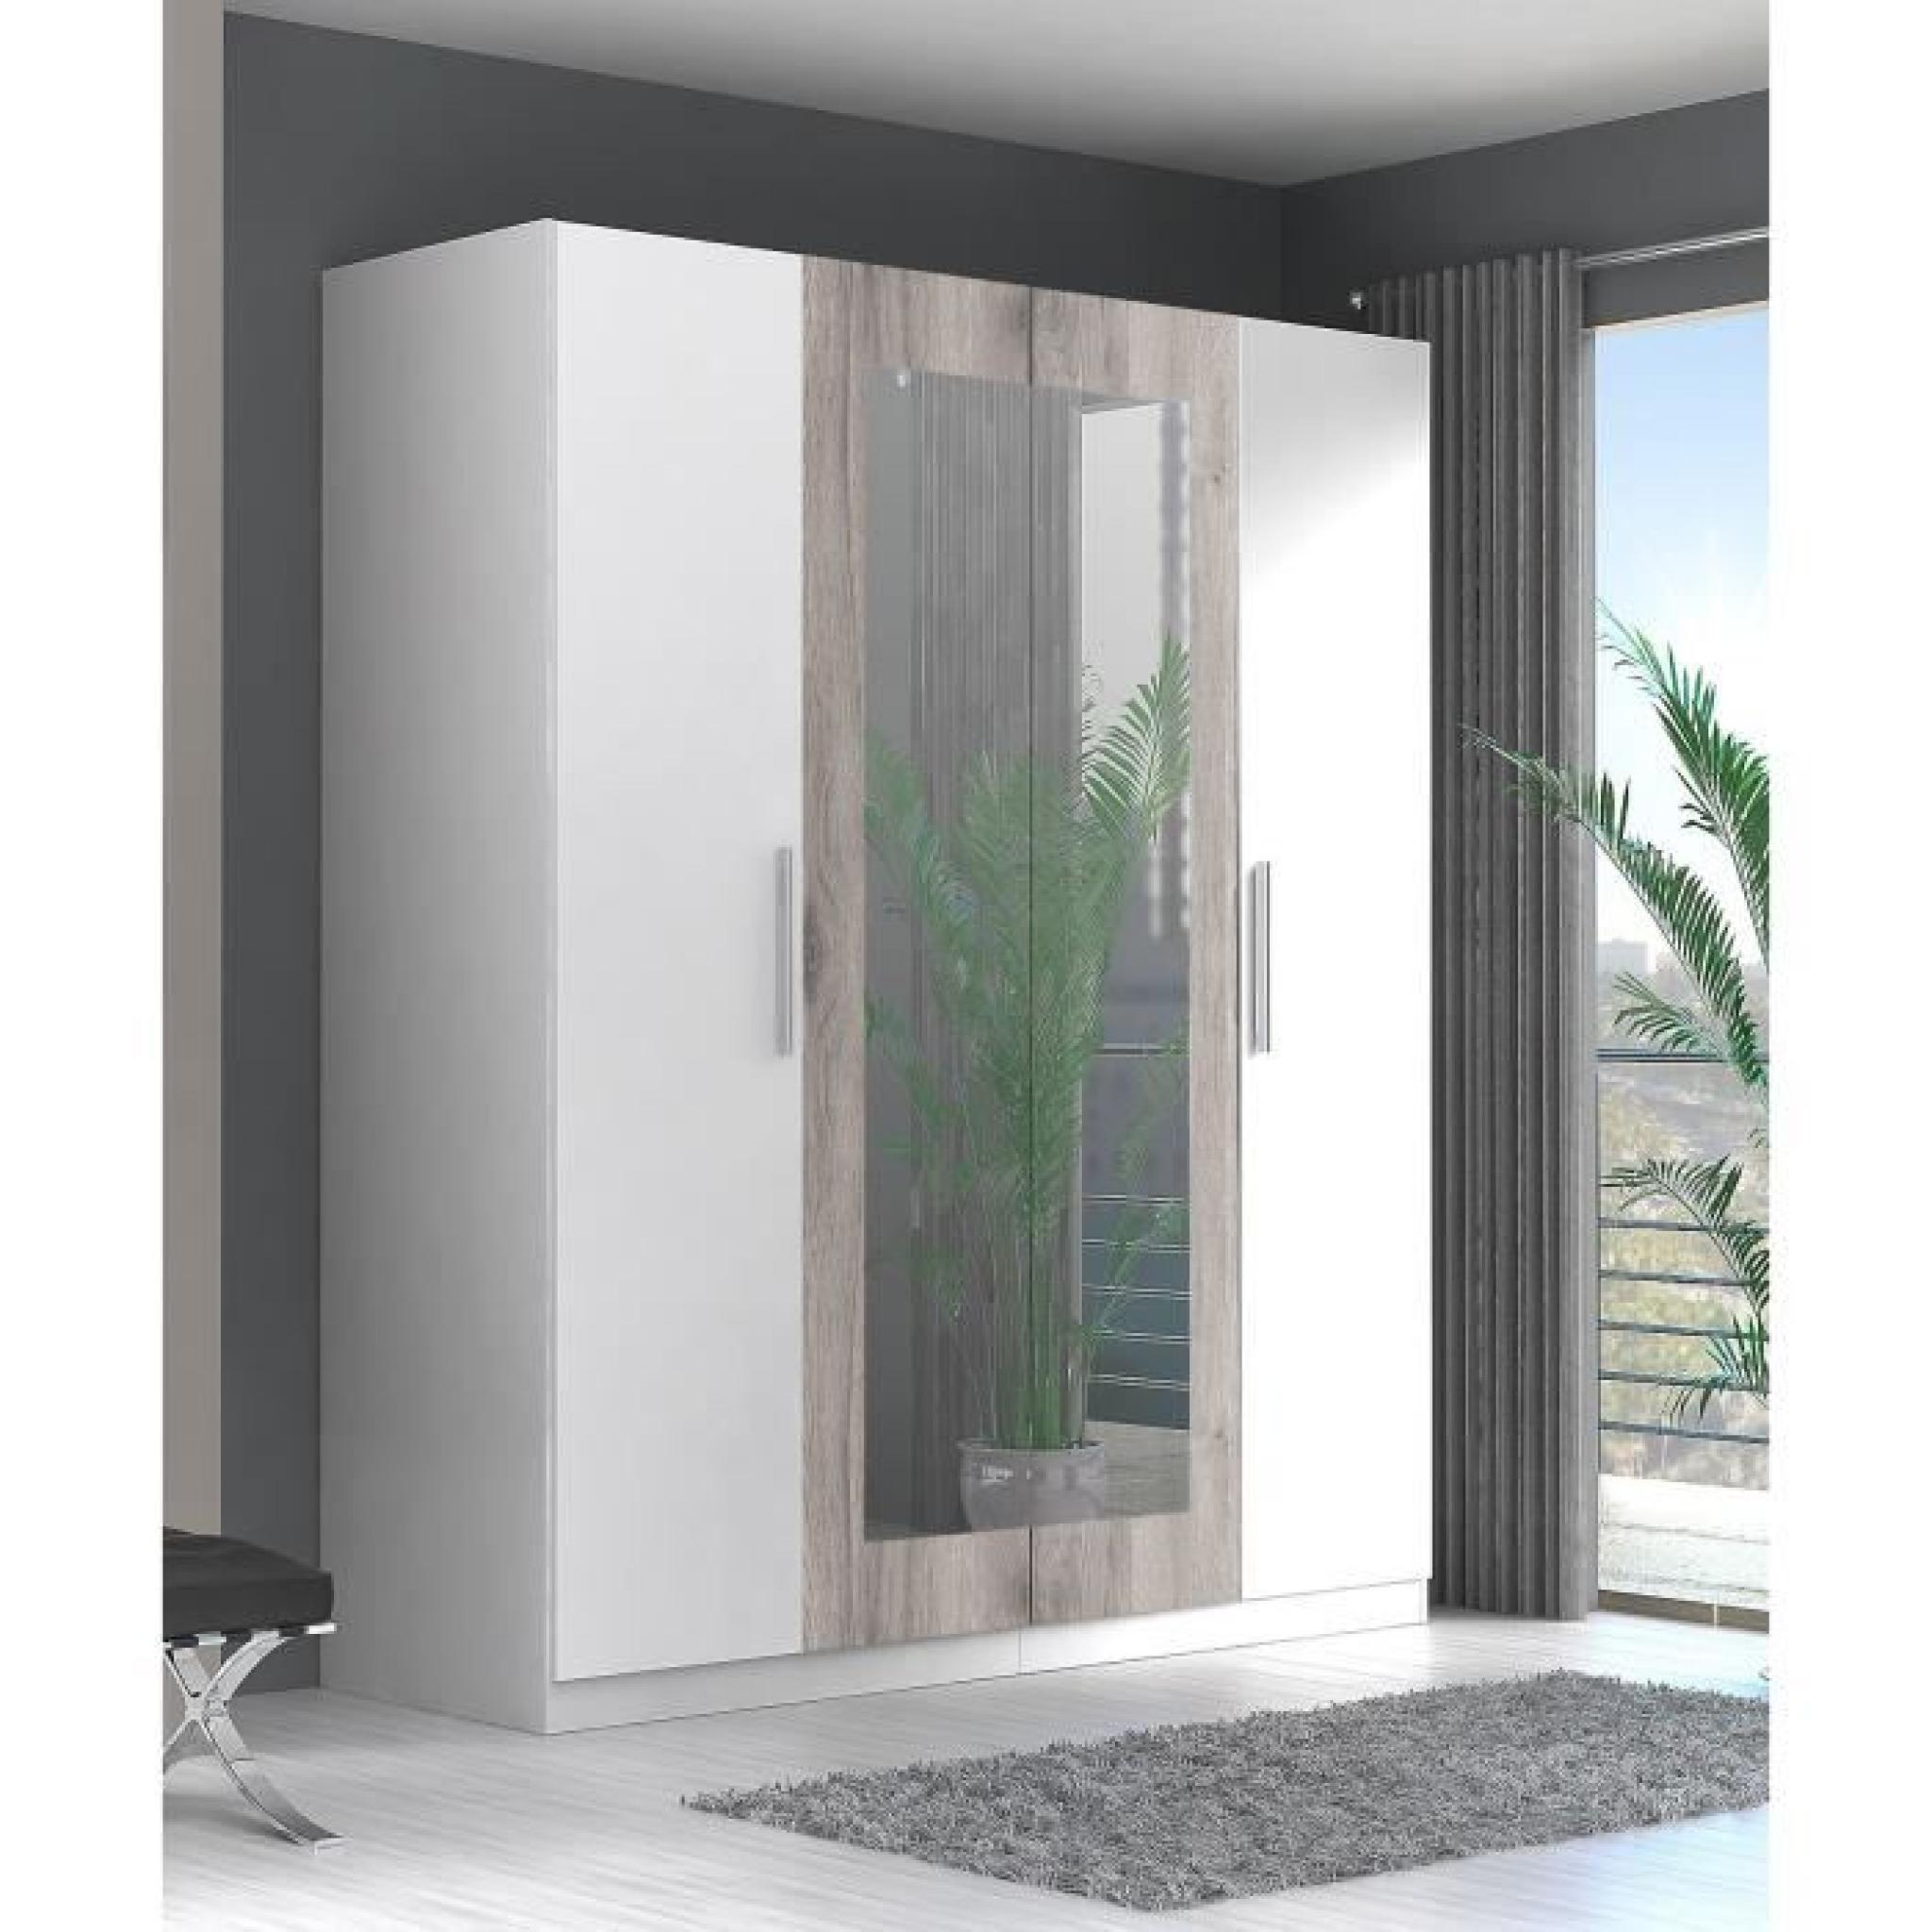 Finlandek armoire de chambre siisti 180 cm blanc et d cor ch ne sable achat vente armoire de for Armoire de chambre design